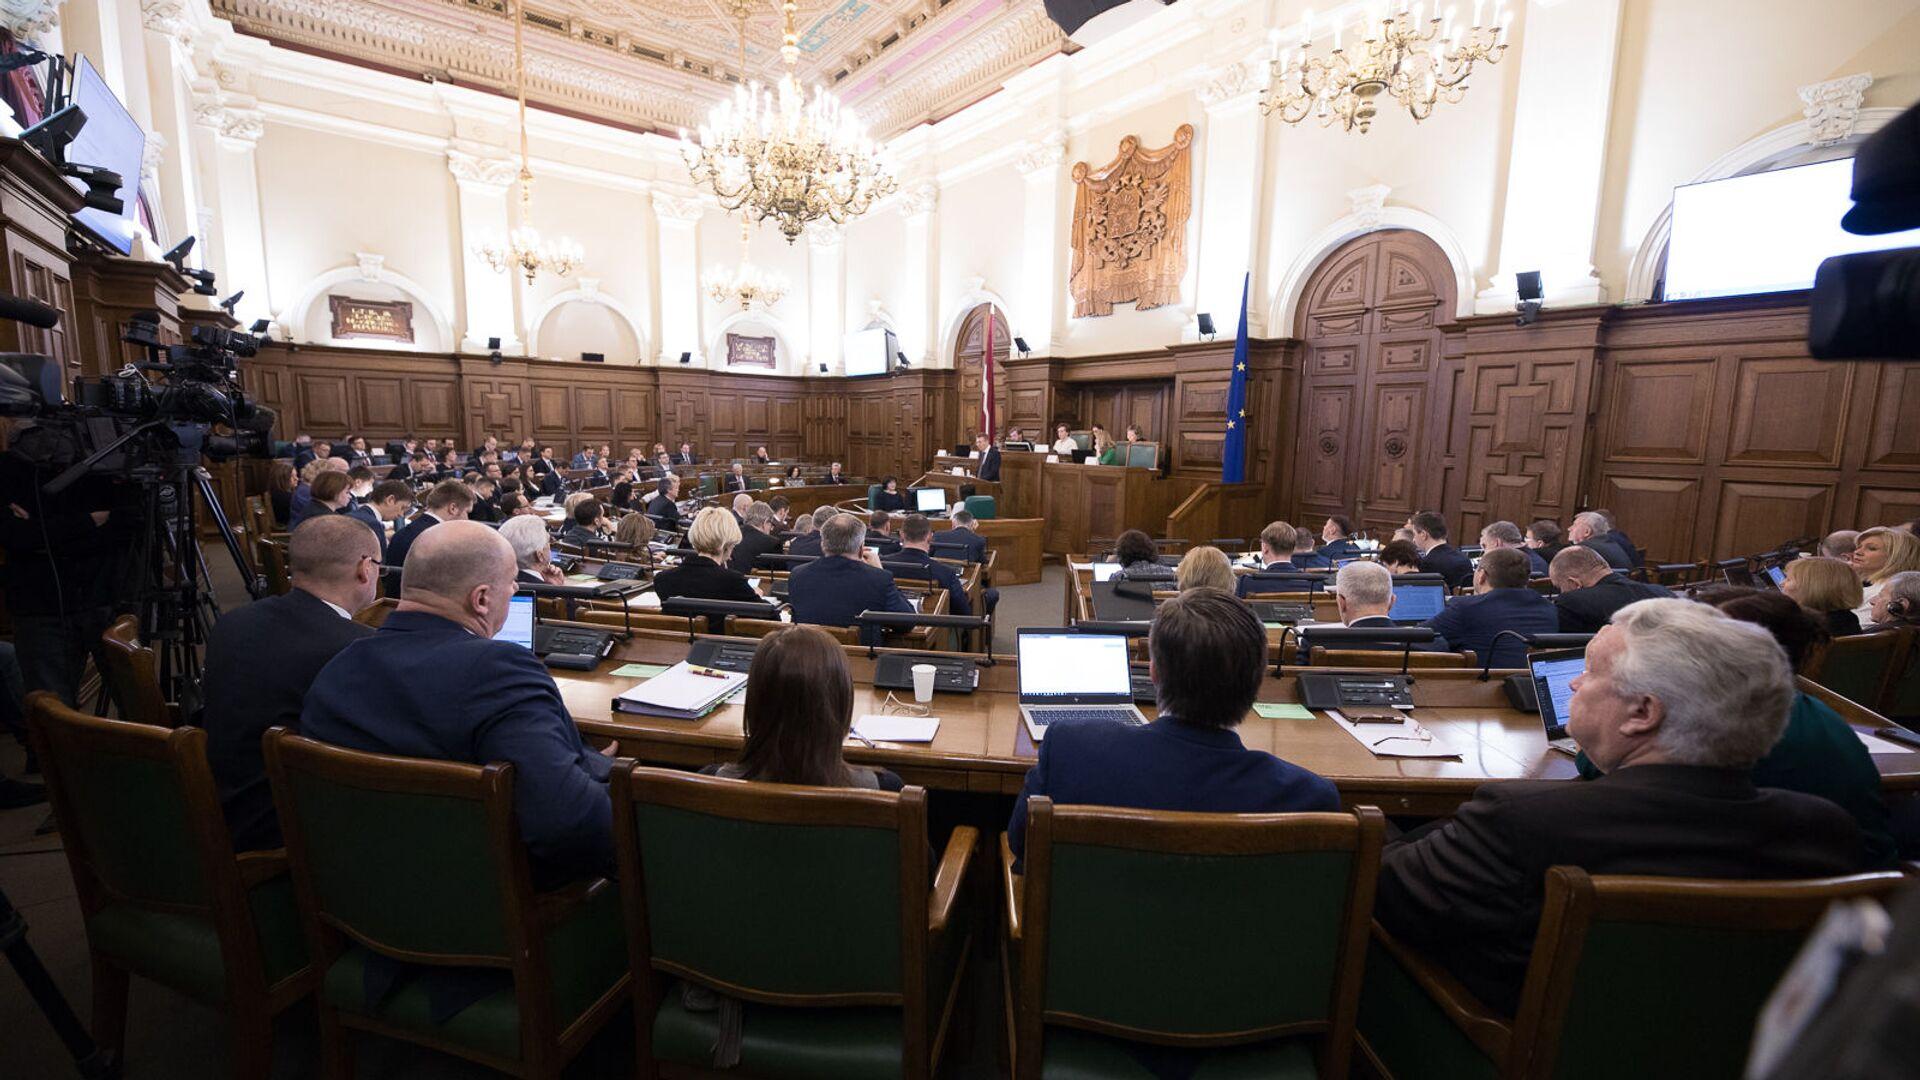 Внешнеполитические дебаты в Сейме - Sputnik Латвия, 1920, 13.10.2021